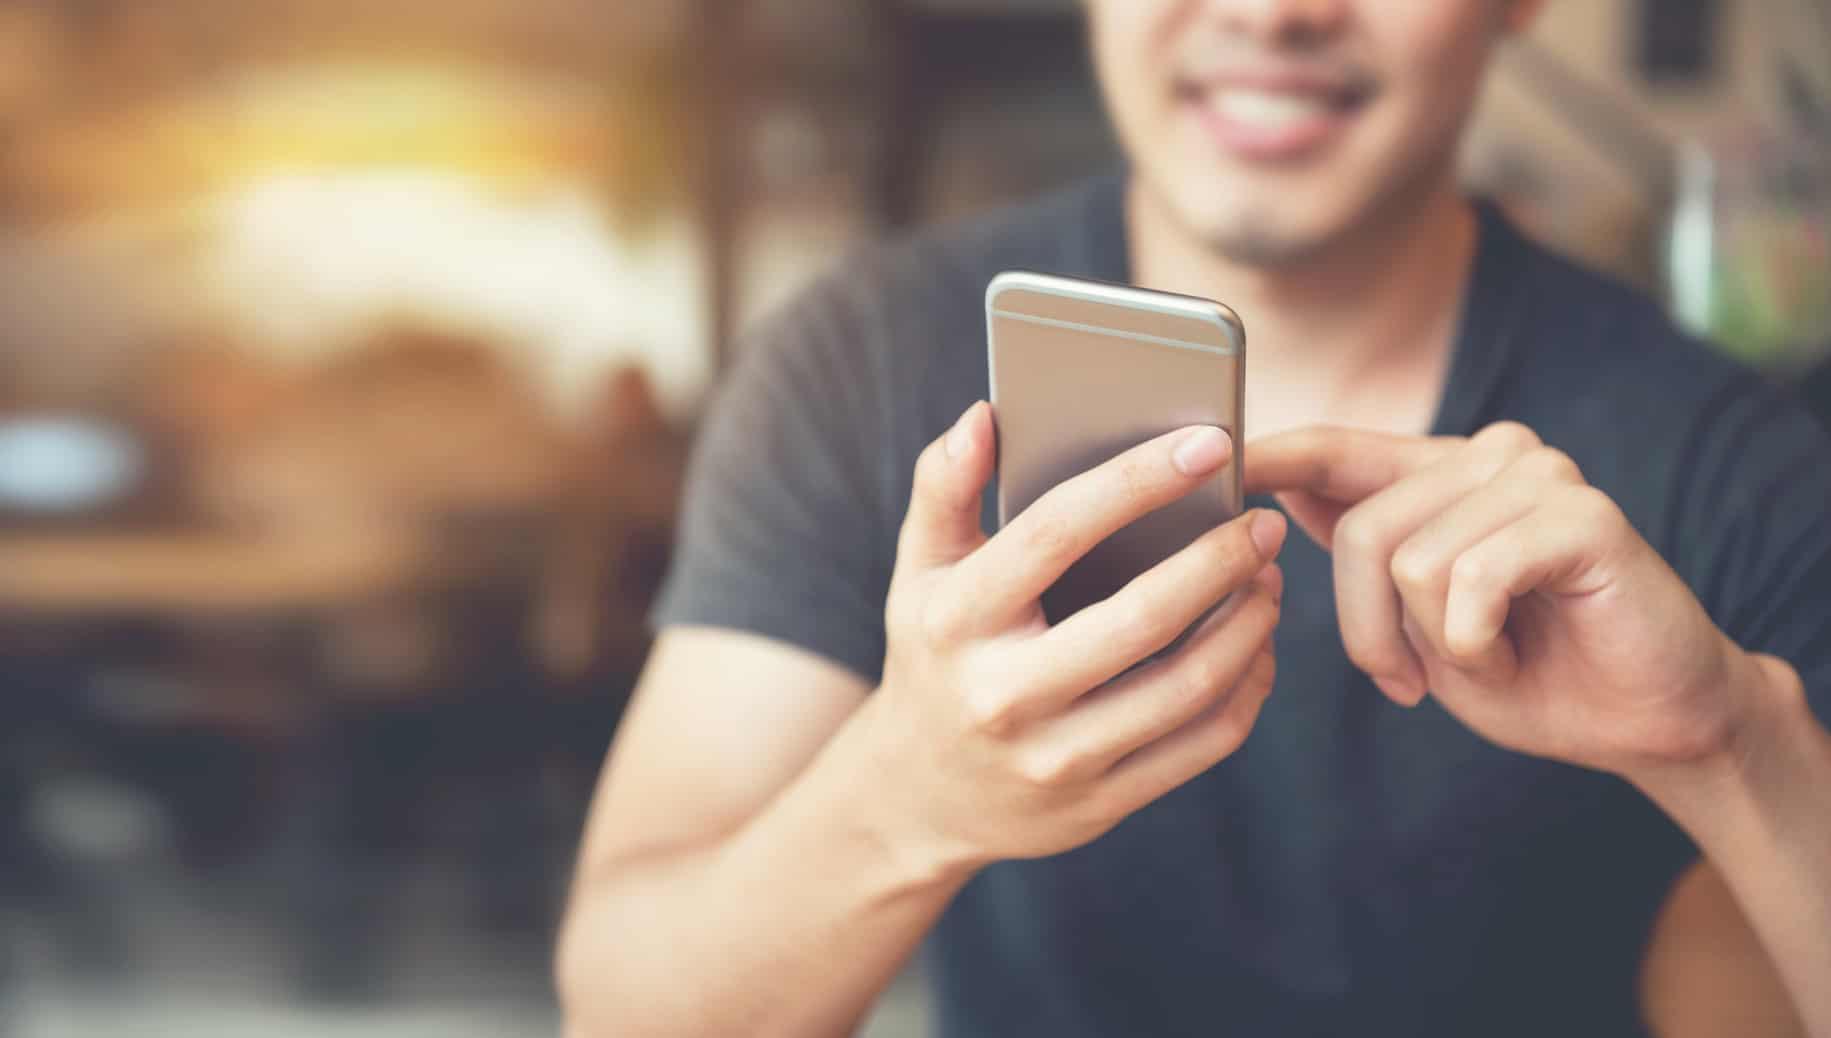 El Instituto Federal de Telecomunicaciones (Ifetel) informó que a partir de agosto de 2019 se eliminarán algunos prefijos con el fin de que la marcación a 10 dígitos sea uniforme a nivel nacional.